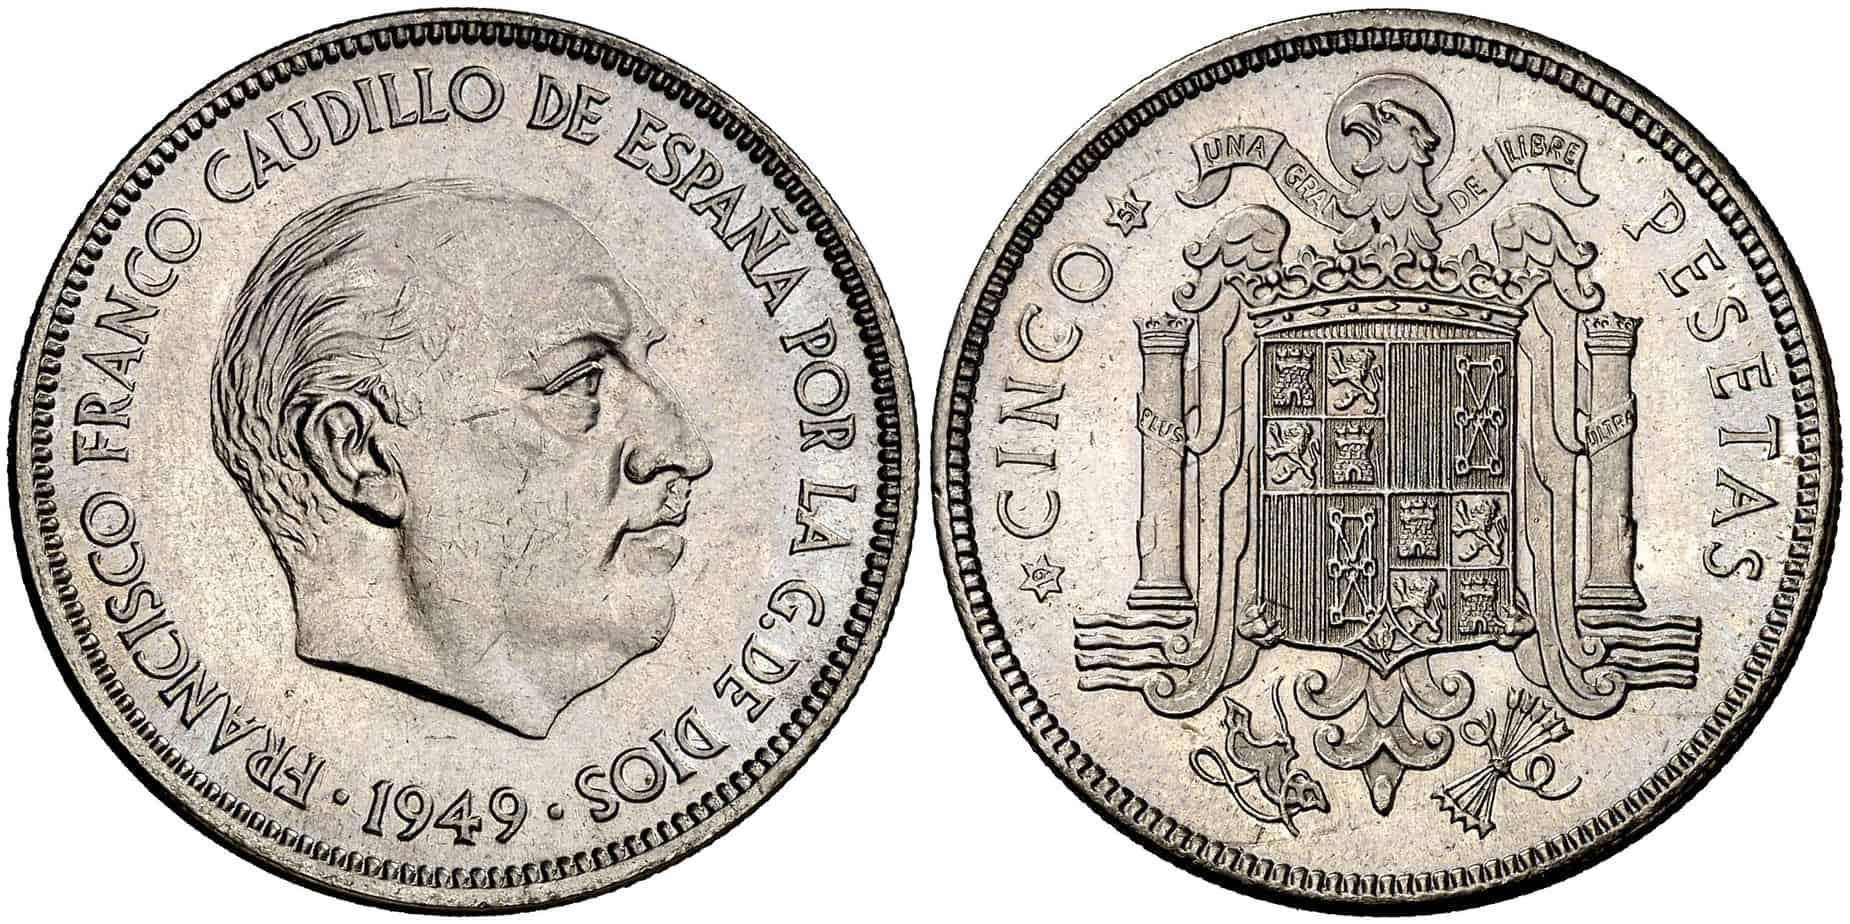 5 pesetas de 1949: cuánto cuestan y cuál es su historia